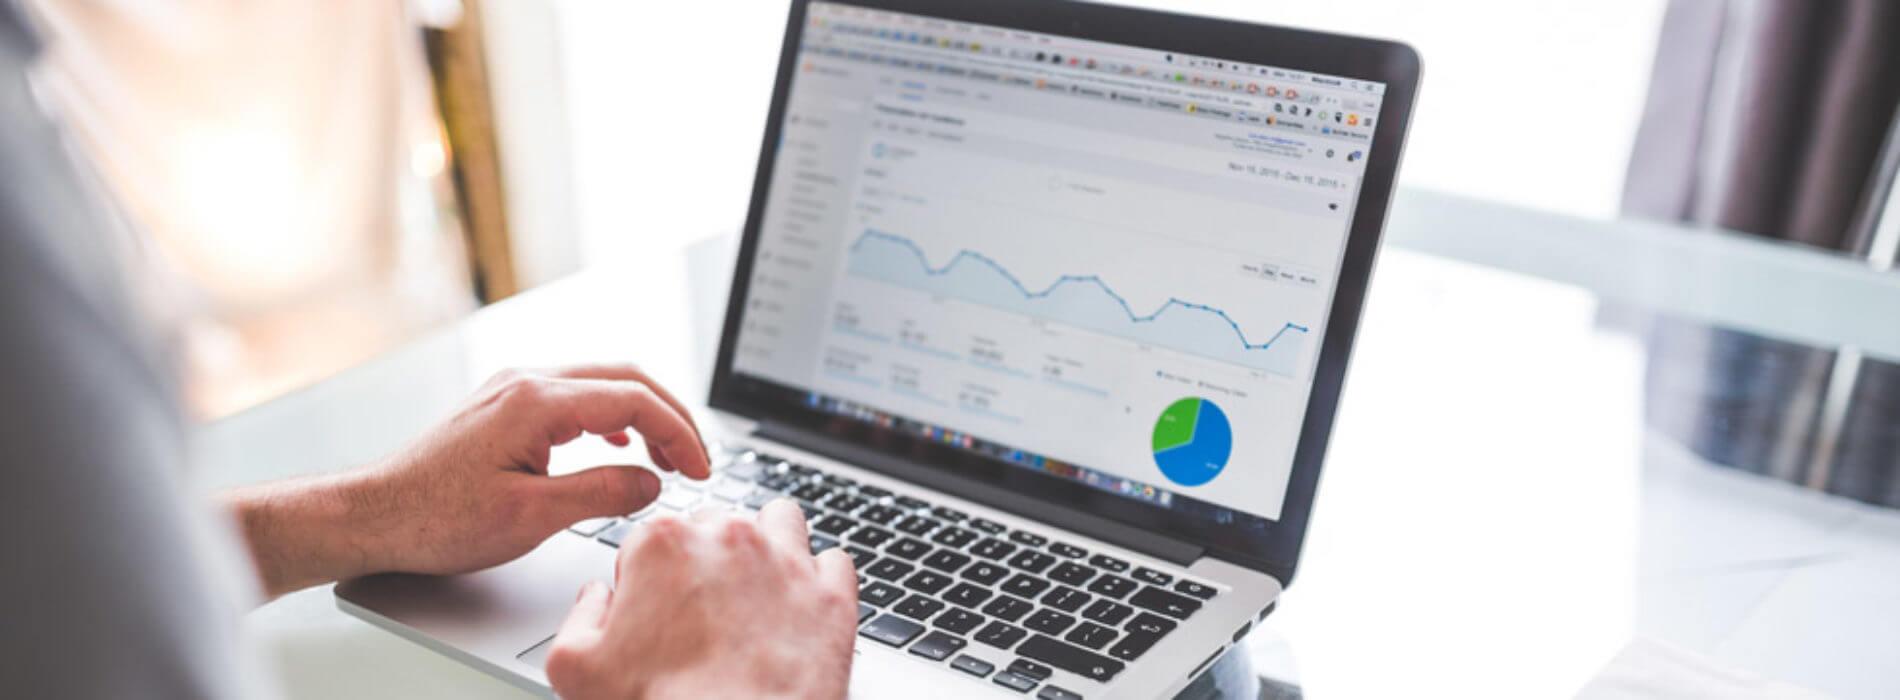 Czym jest WIBOR i jak wpływa na koszty kredytów?